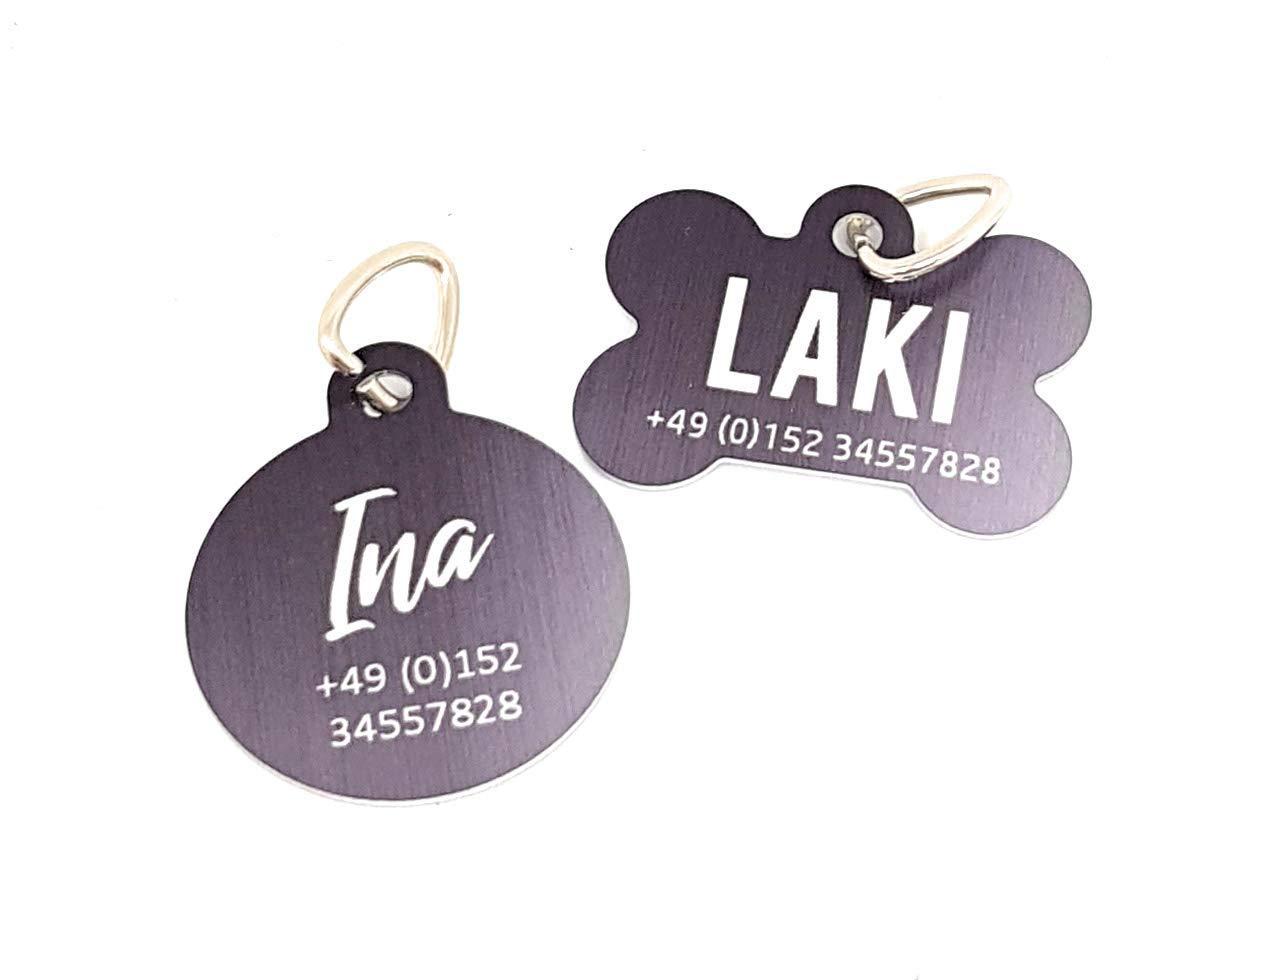 Halsbandanhä nger I Adressanhä nger I ID-Tag I Hundeanhä nger I personalisiert mit Namen und Telefonnummer oder Adresse. Prima Weihnachtsgeschenk